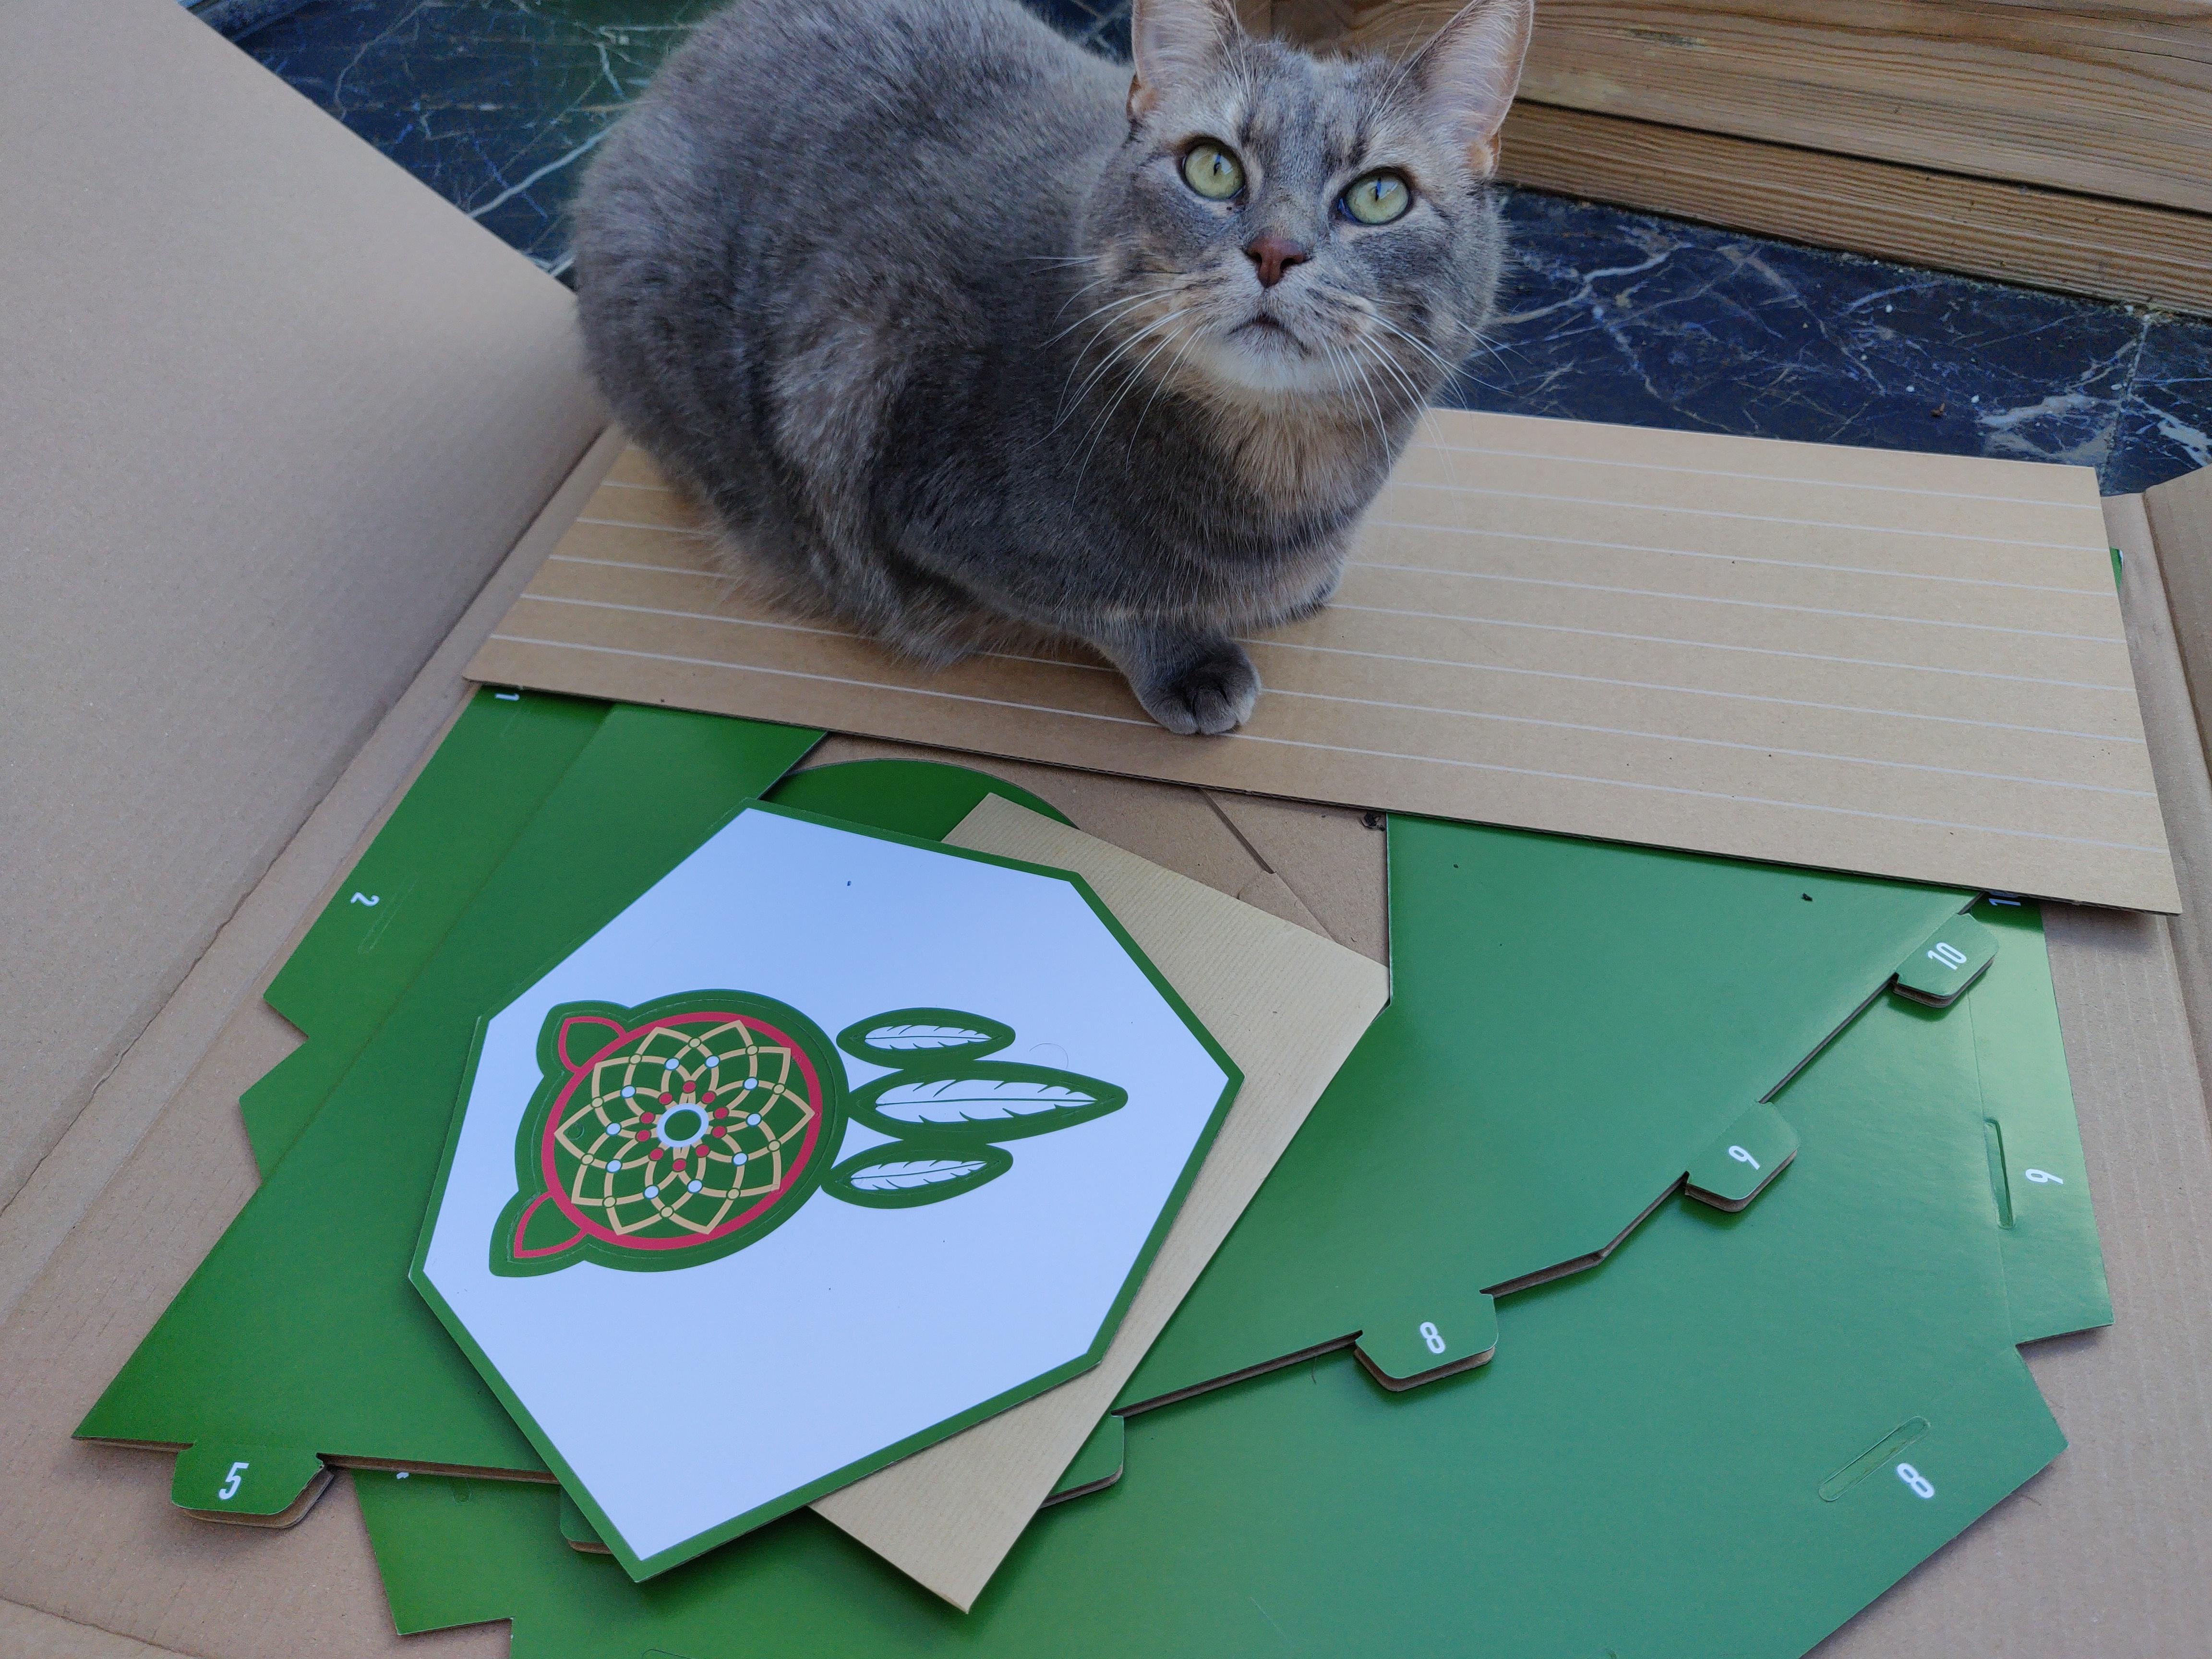 Tipi en carton pour chat - La Box Naturelle 2